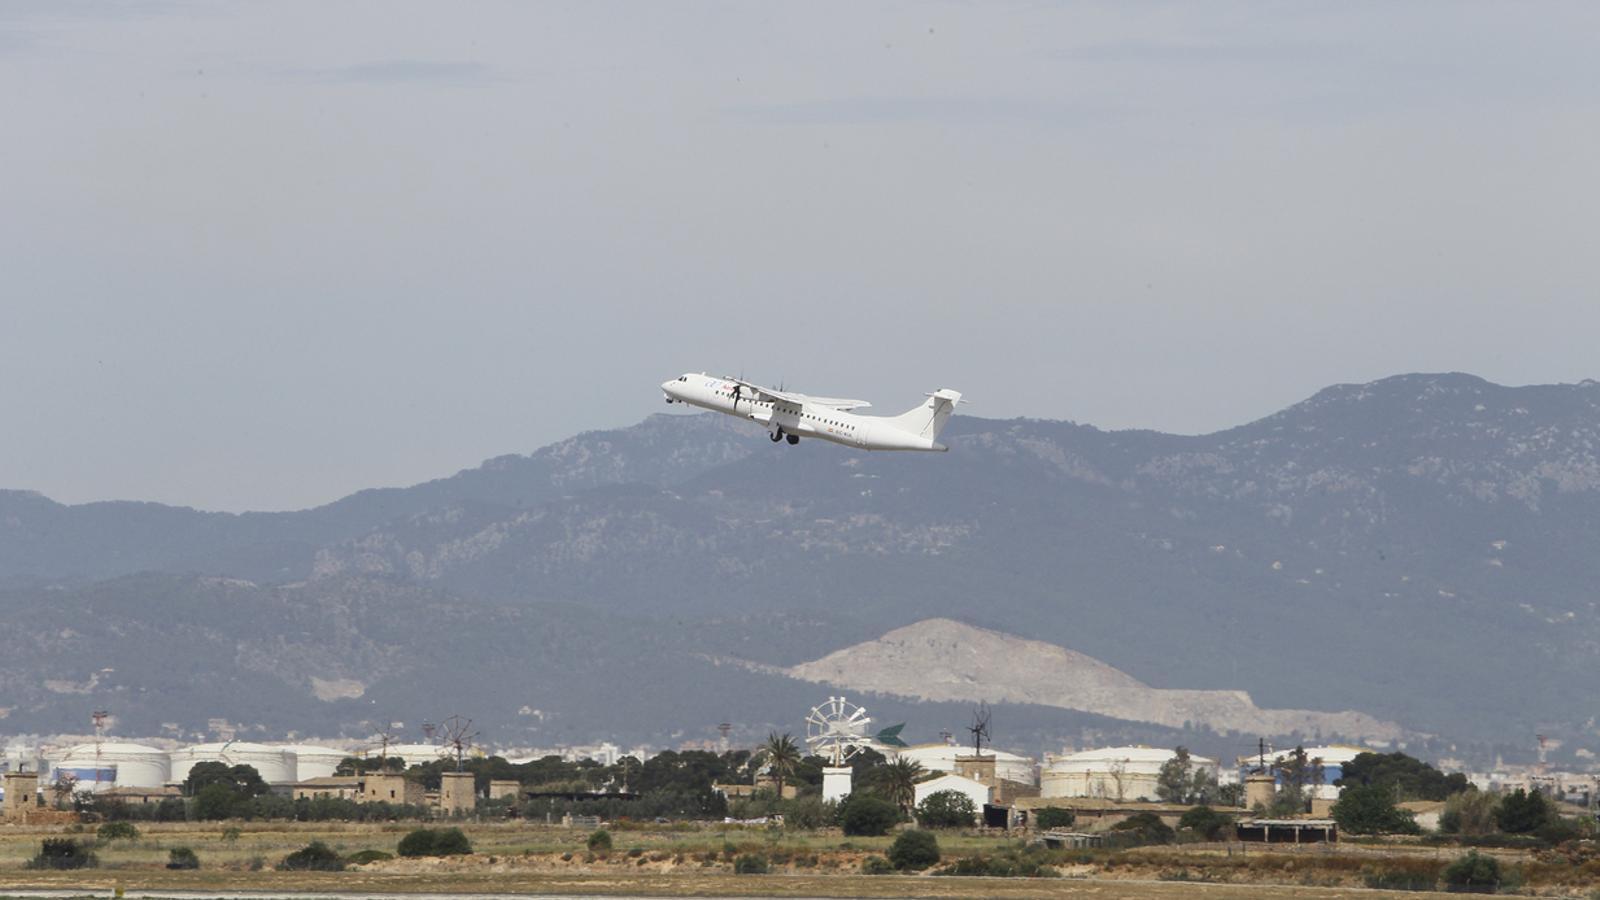 Un avió s'enlaira a l'aeroport de Son Sant Joan.